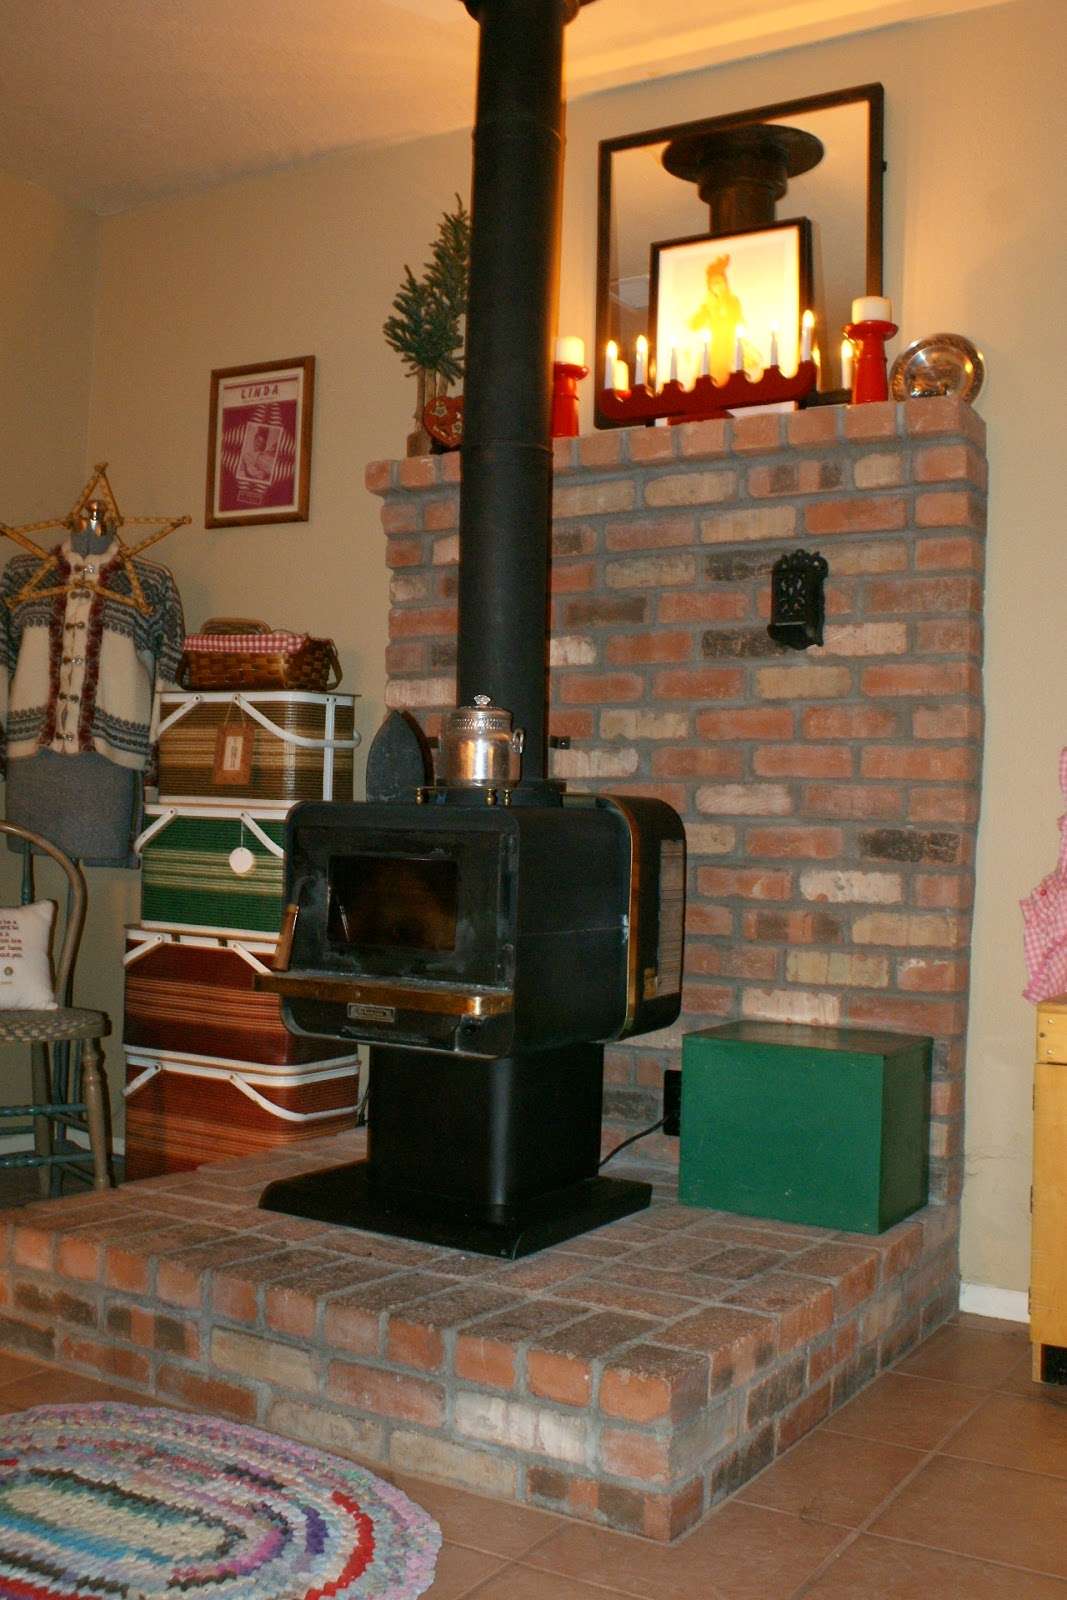 Carpets Plus Home Renovation Design Center - Denton, TX Facebook